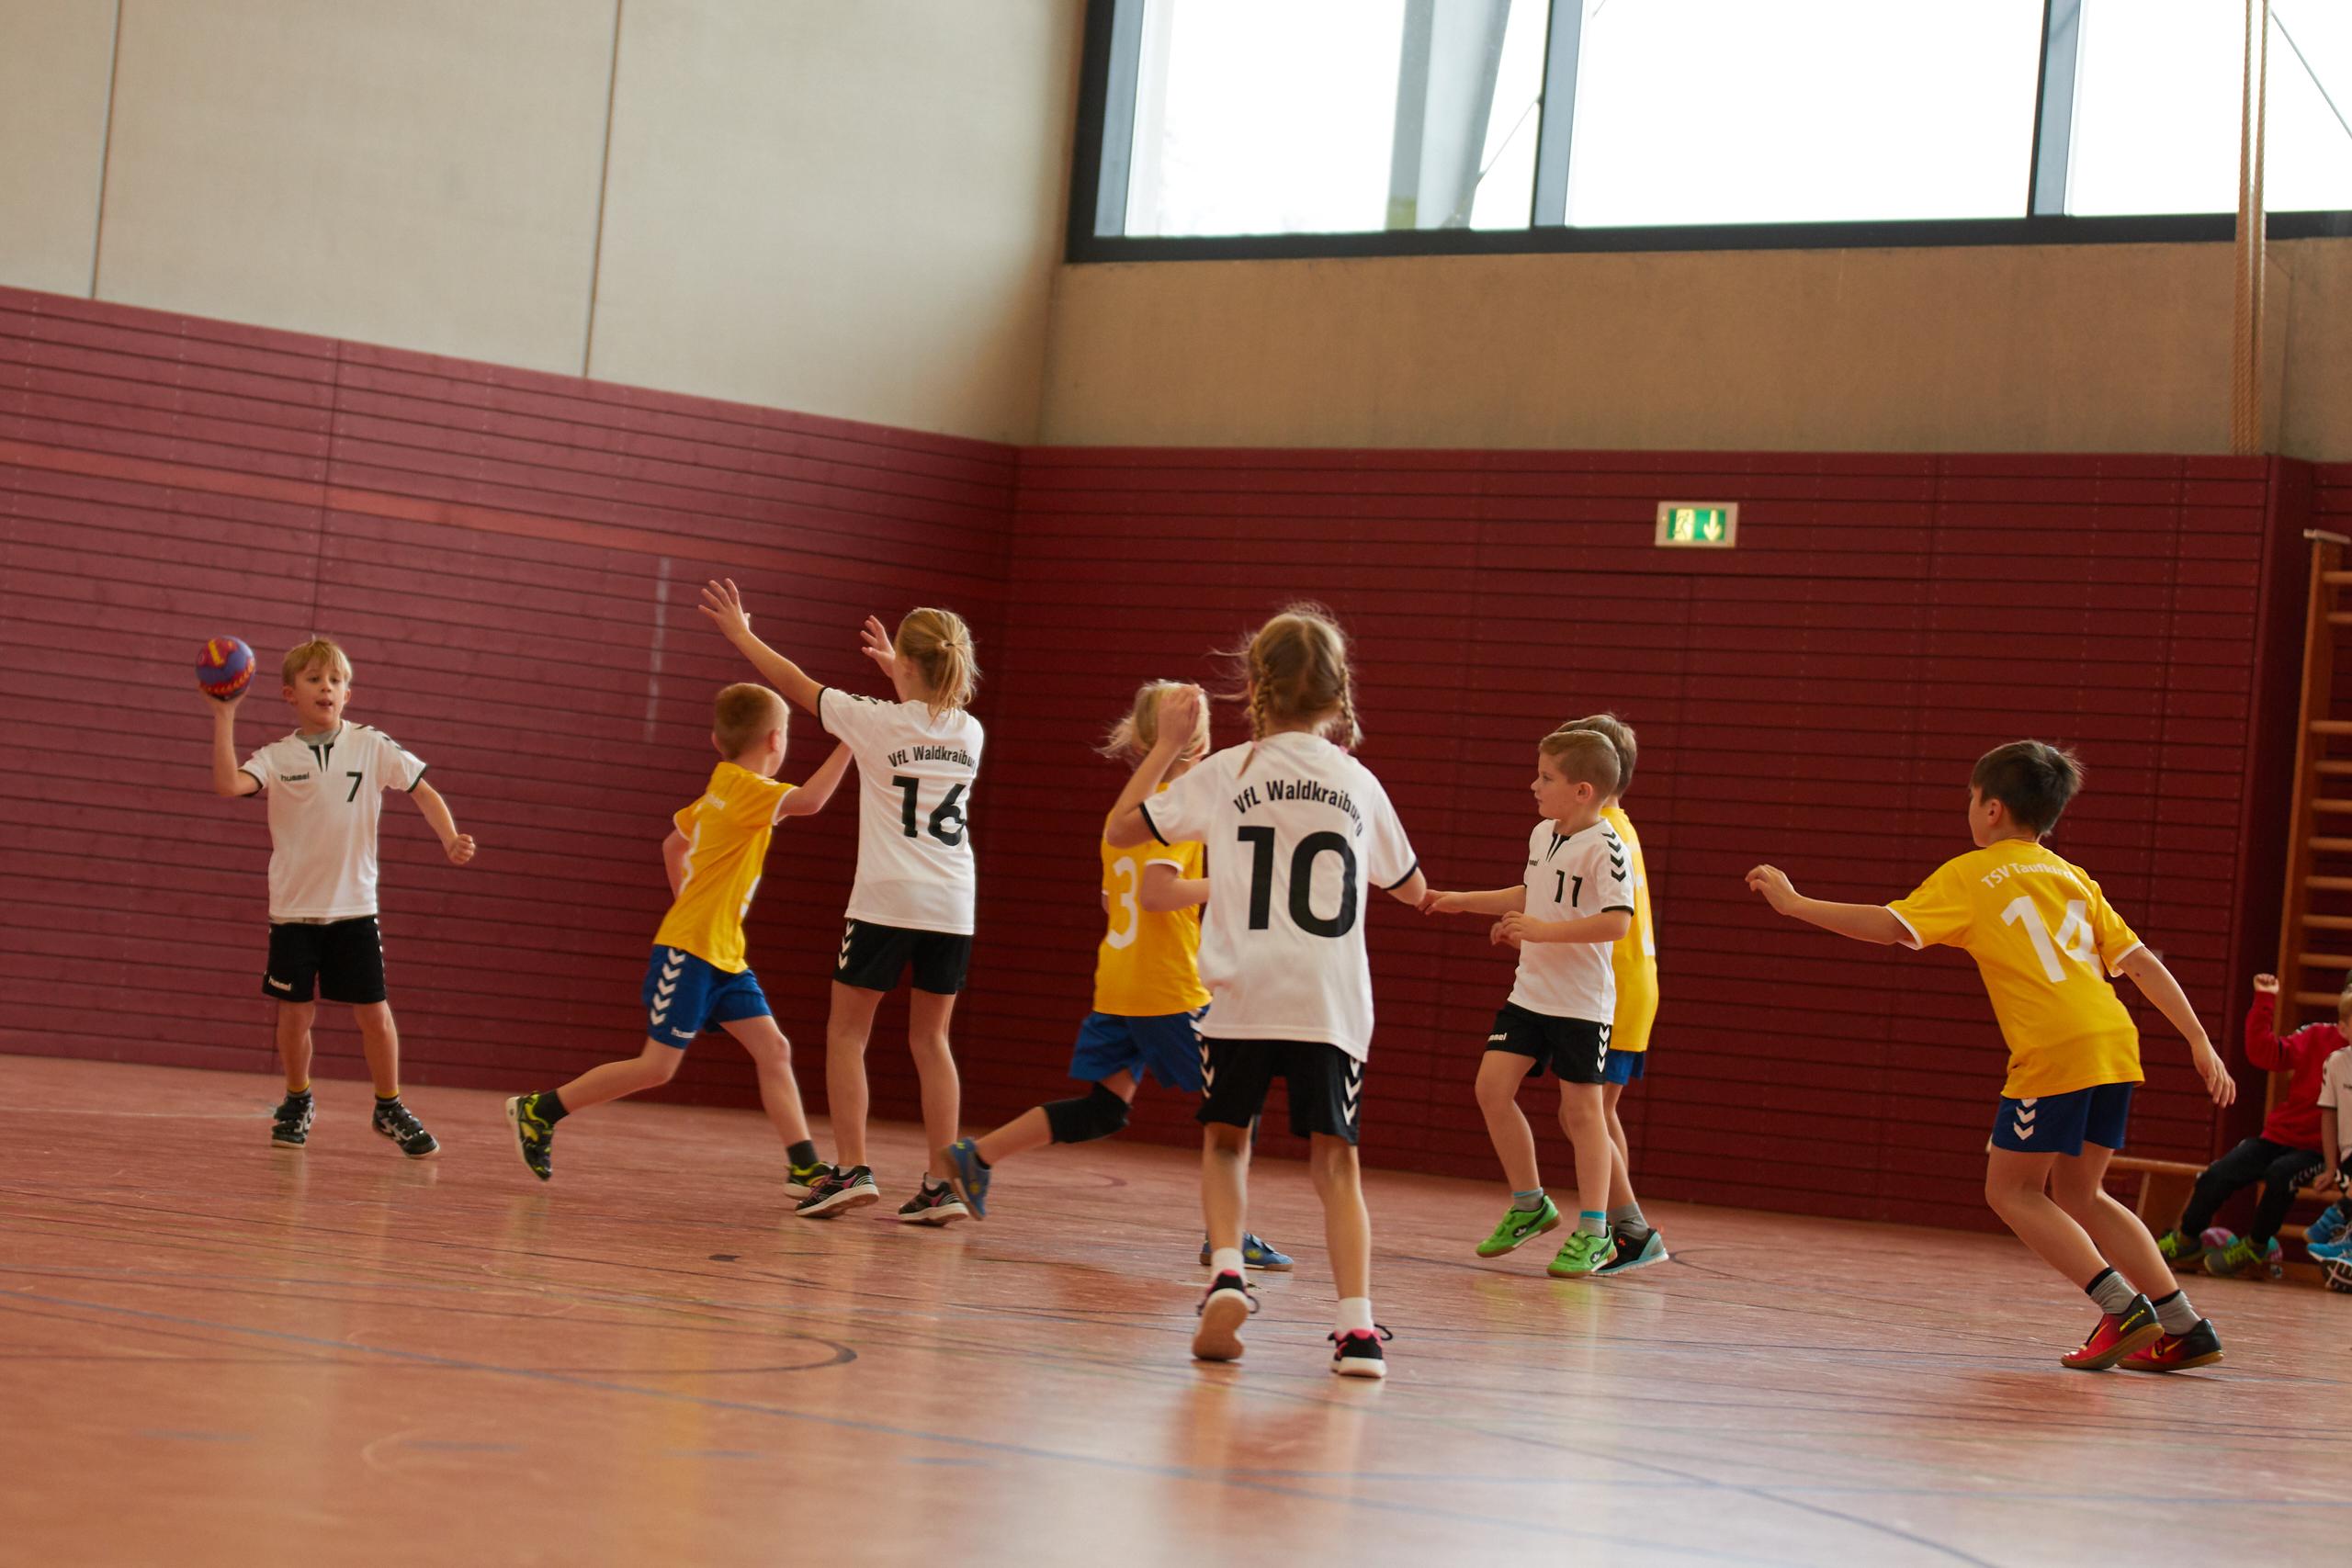 VfL Handball F-Jugend beim Turnier in Taufkirchen